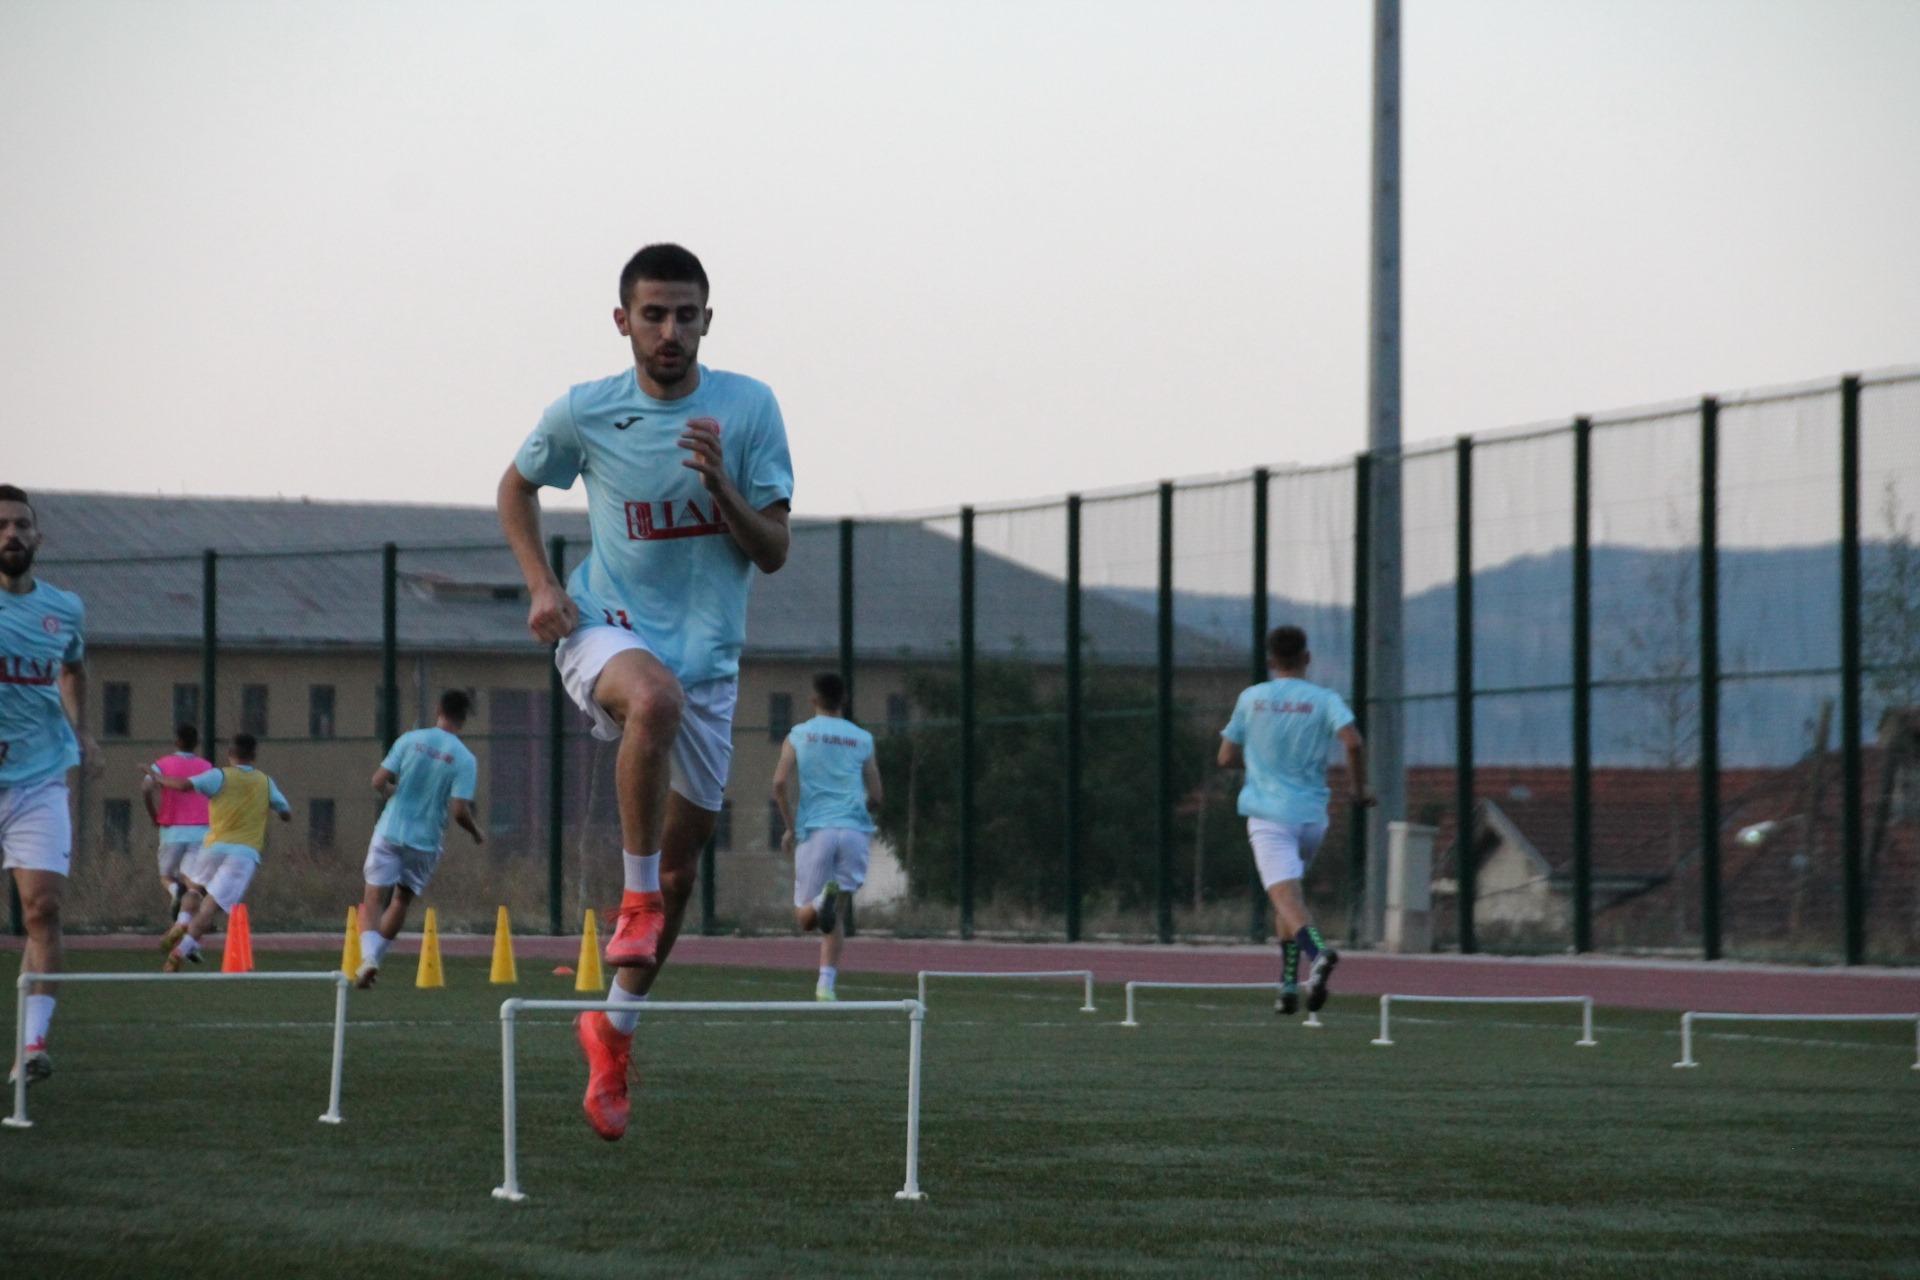 Lejohen stërvitjet për klubet e futbollit